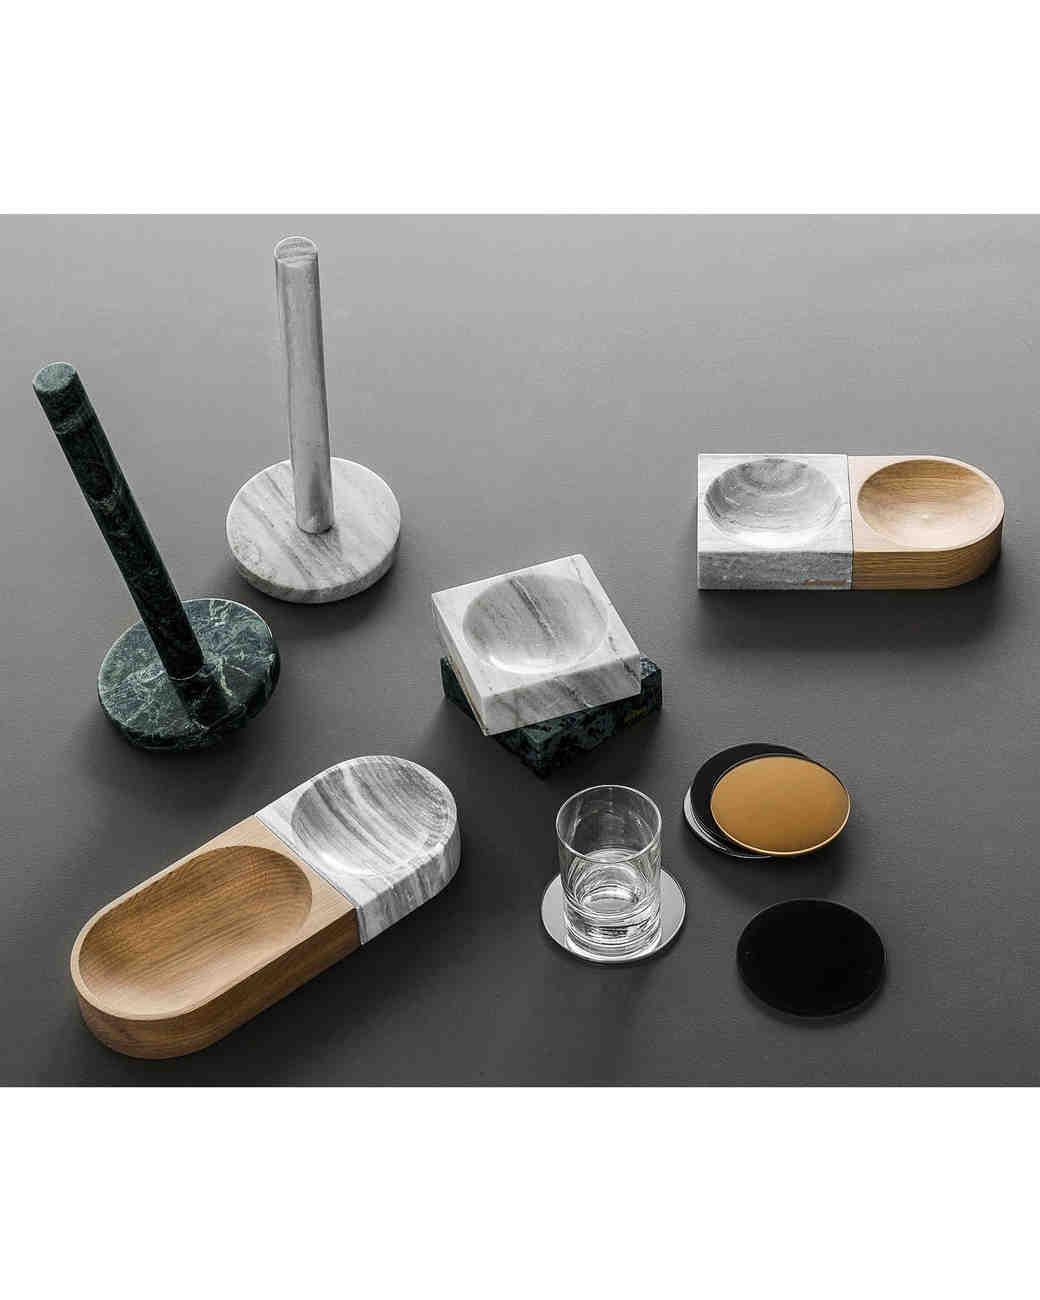 stuff-i-love-boconcept-kitchenware-0316.jpg